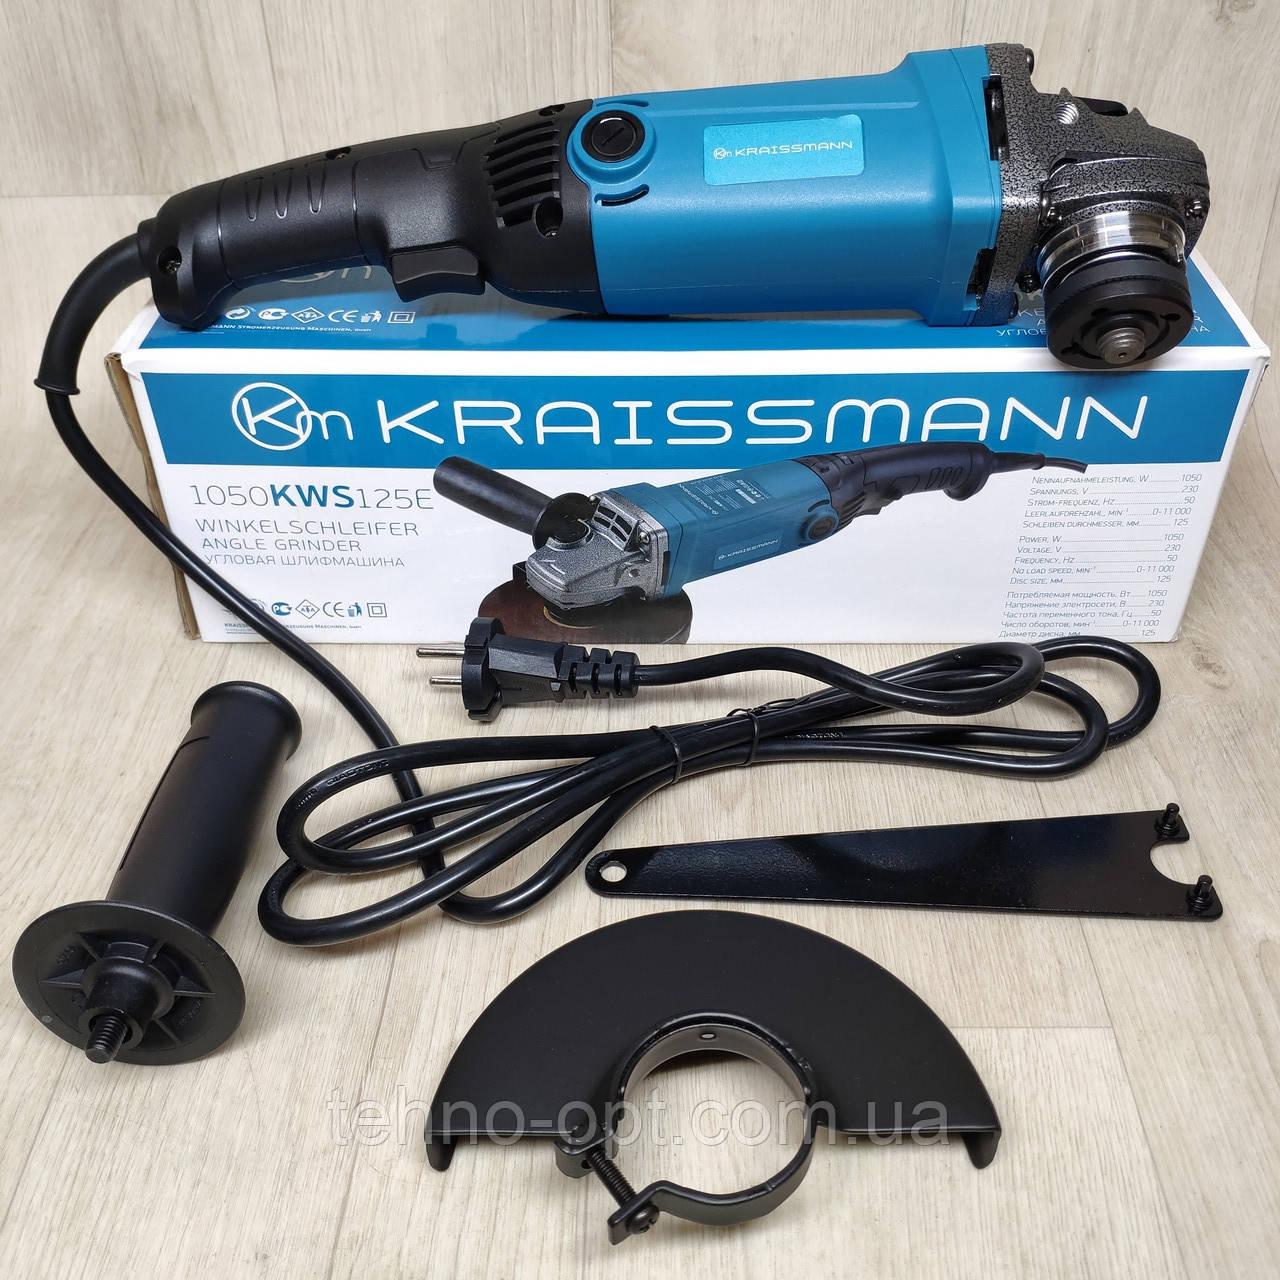 Болгарка (УШМ) Kraissmann 1050 KWS 125 E с регулятором оборотов